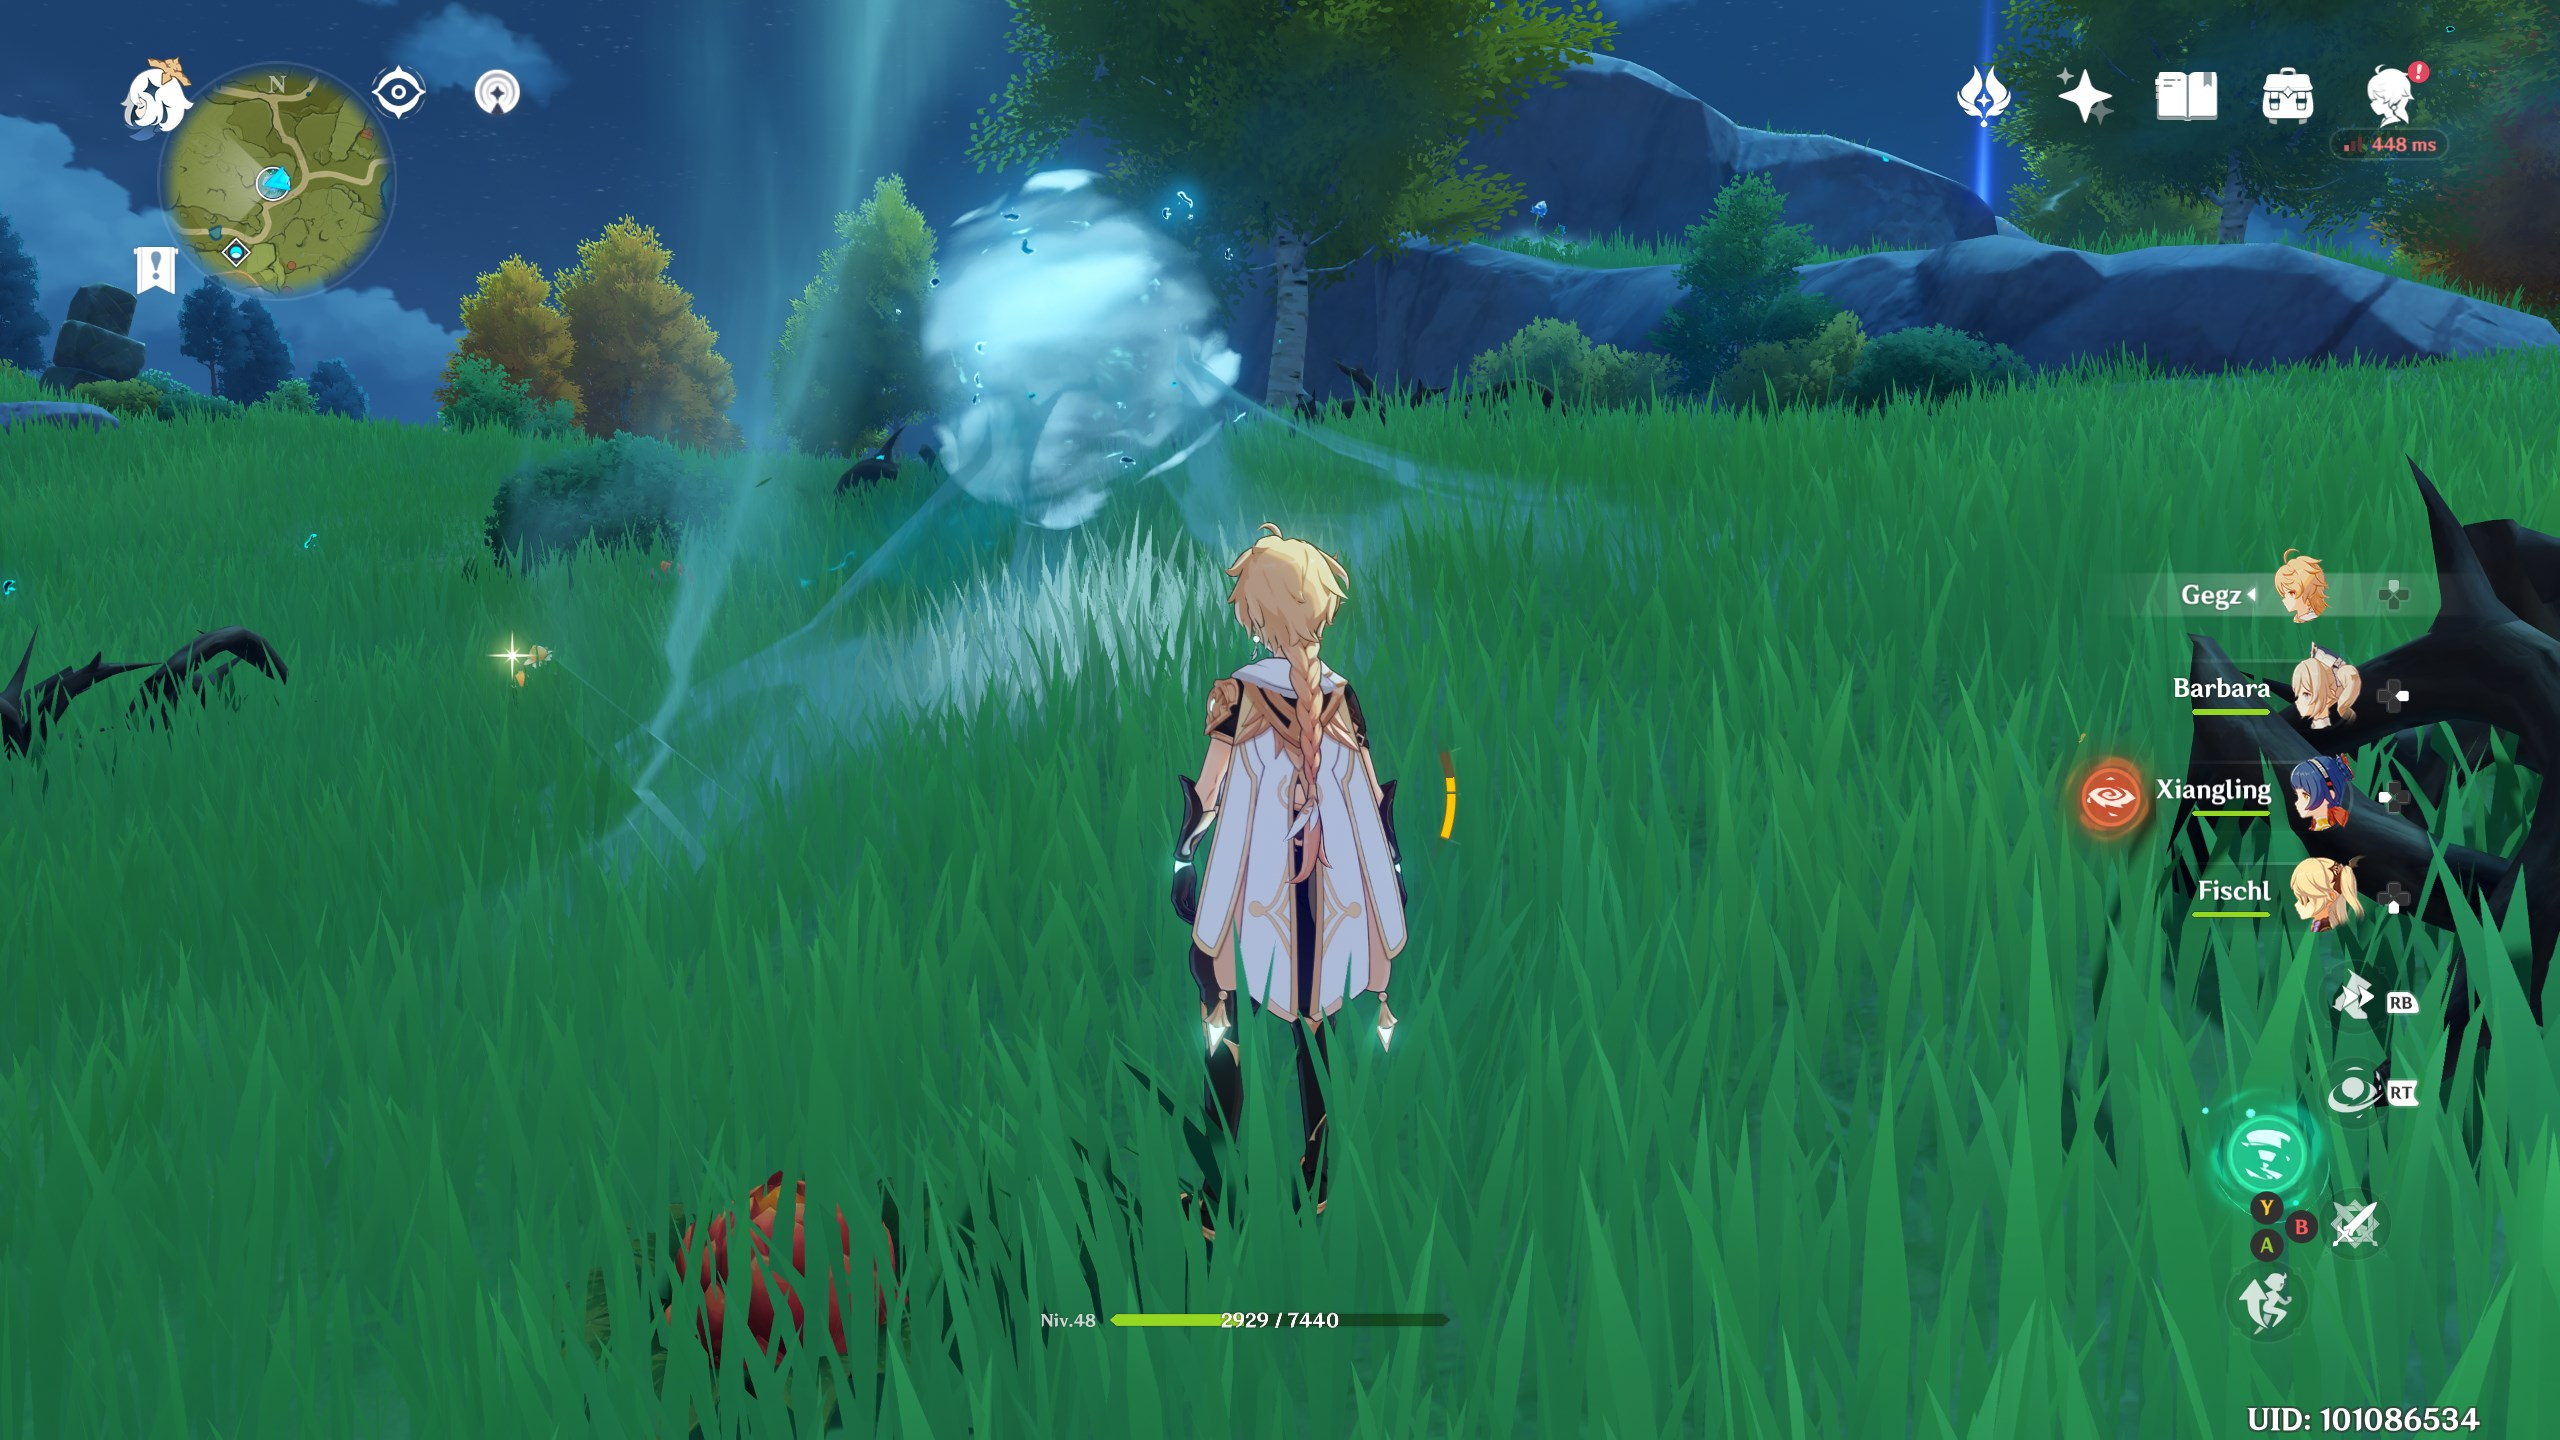 https://image.jeuxvideo.com/medias/160095/1600953403-9859-capture-d-ecran.jpg